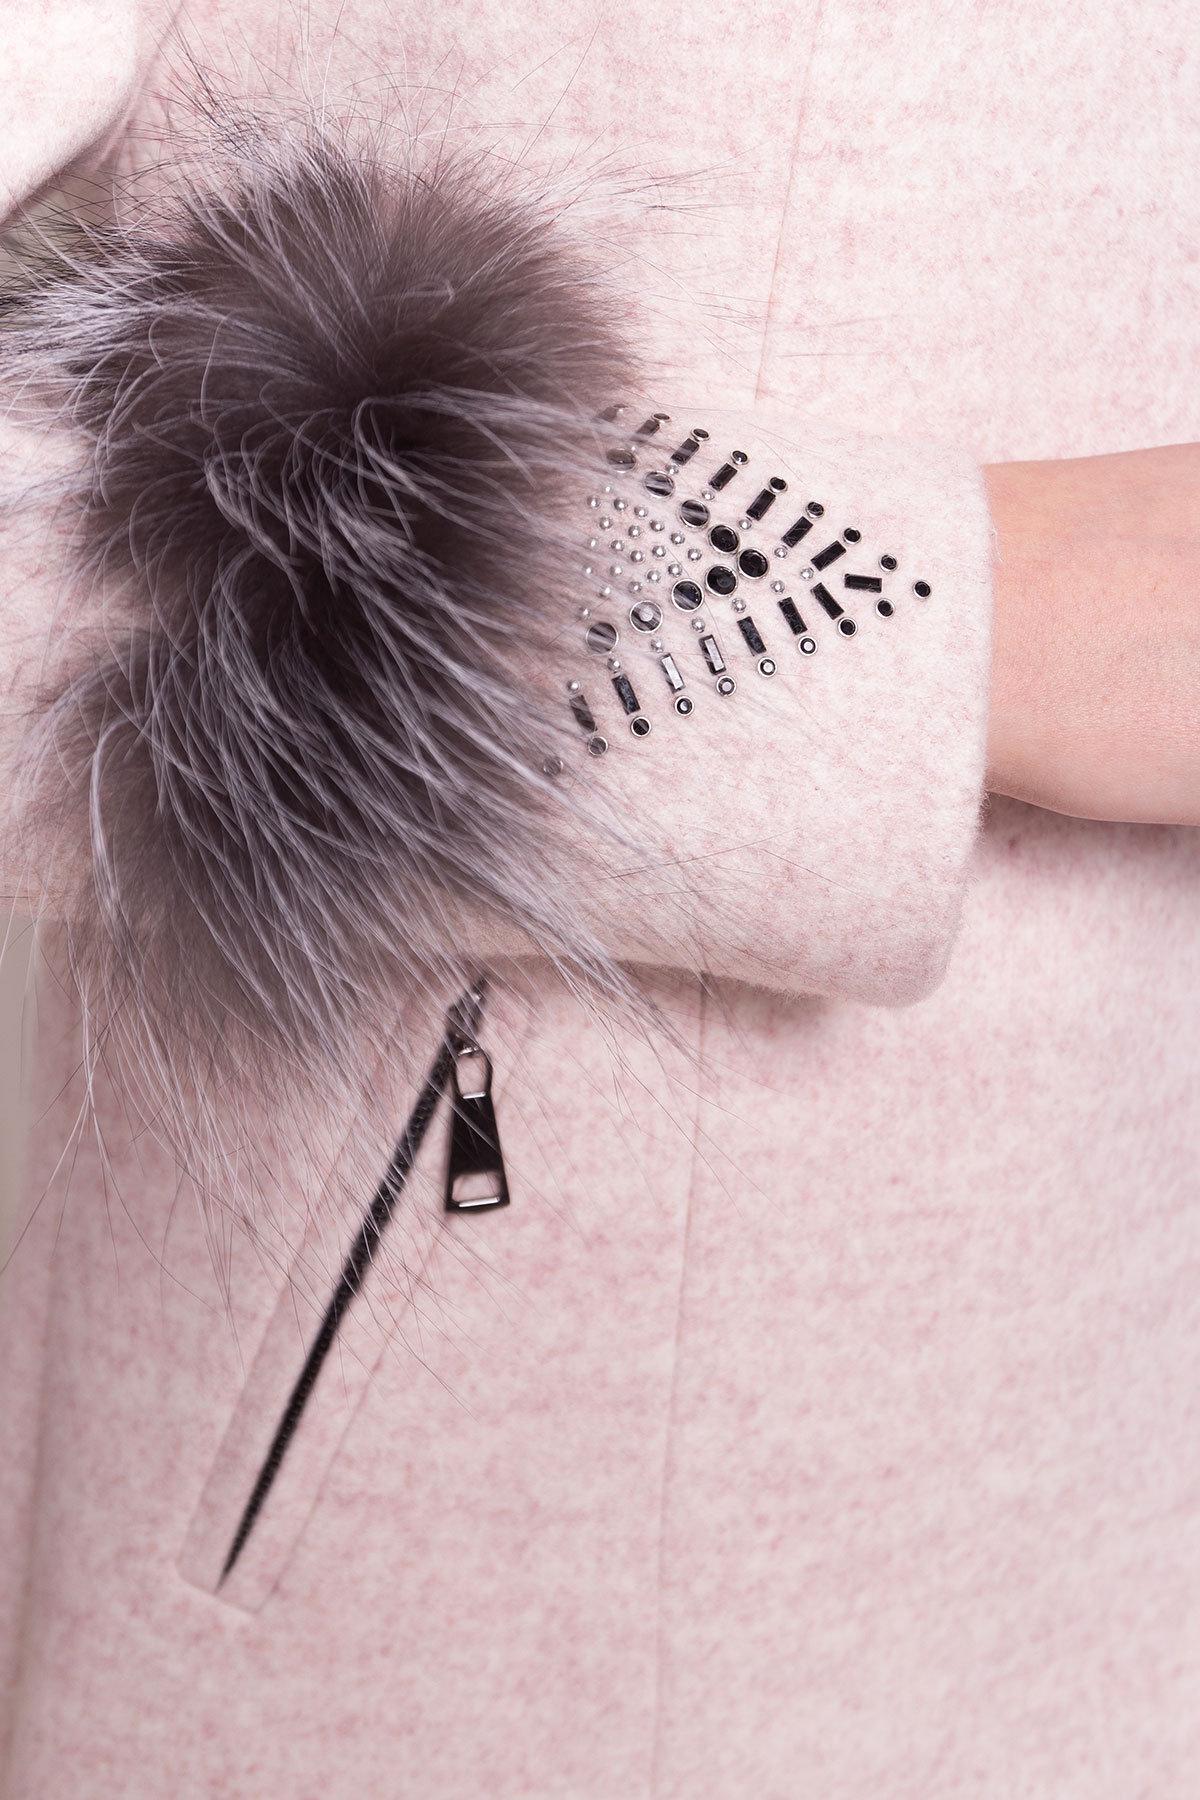 Пальто Лорин 4478 АРТ. 33847 Цвет: Бежевый - фото 5, интернет магазин tm-modus.ru